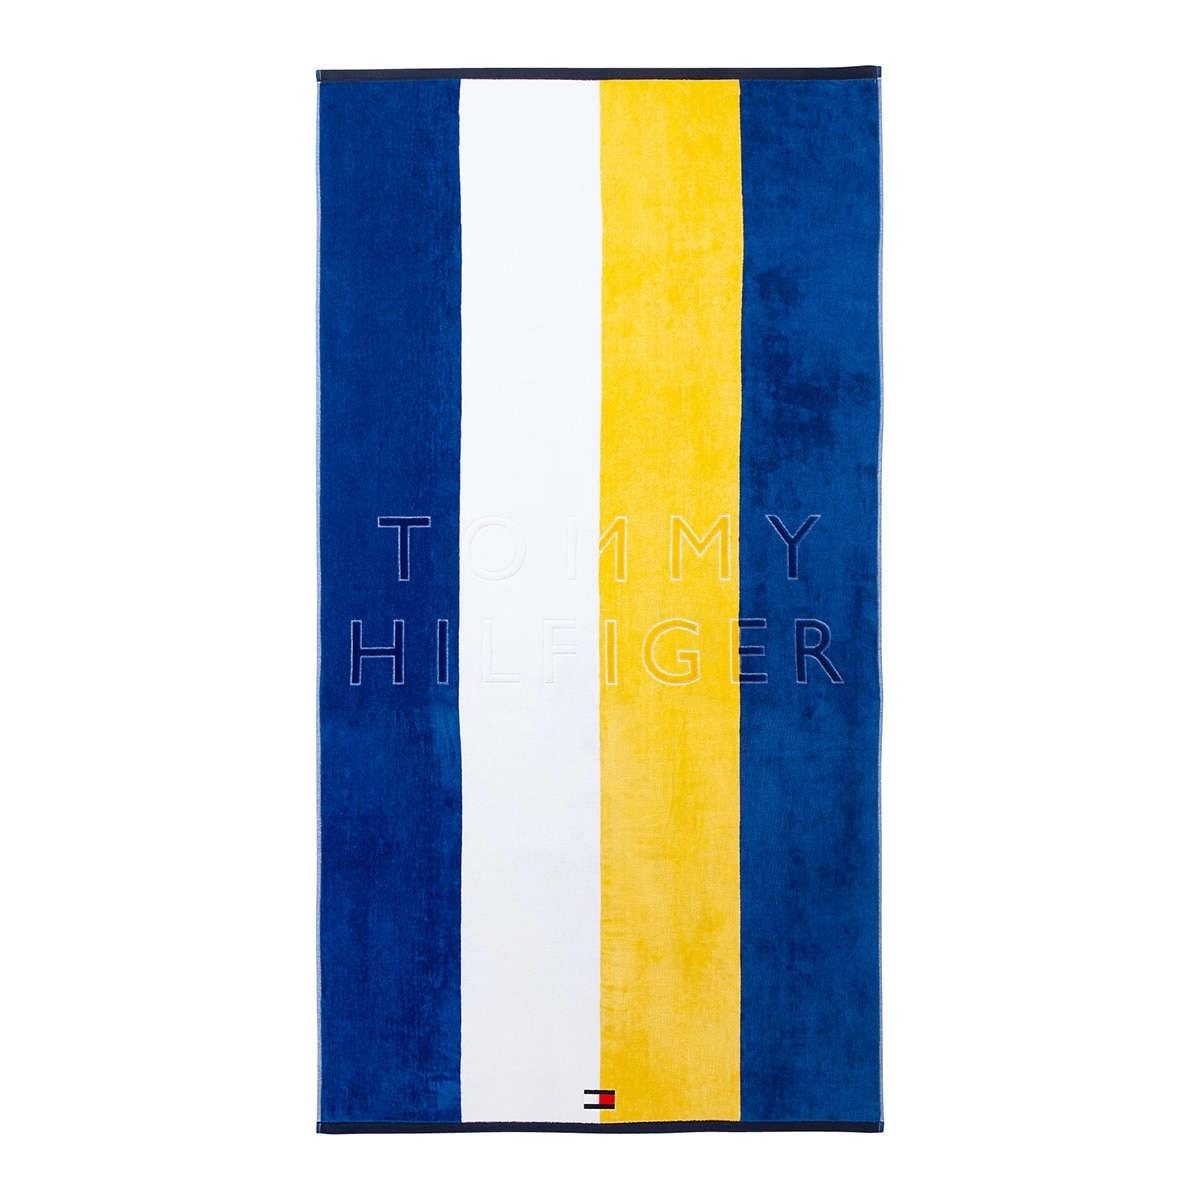 Πετσέτα Θαλάσσης Nautical Yellow Tommy Hilfiger Θαλάσσης 90x170cm